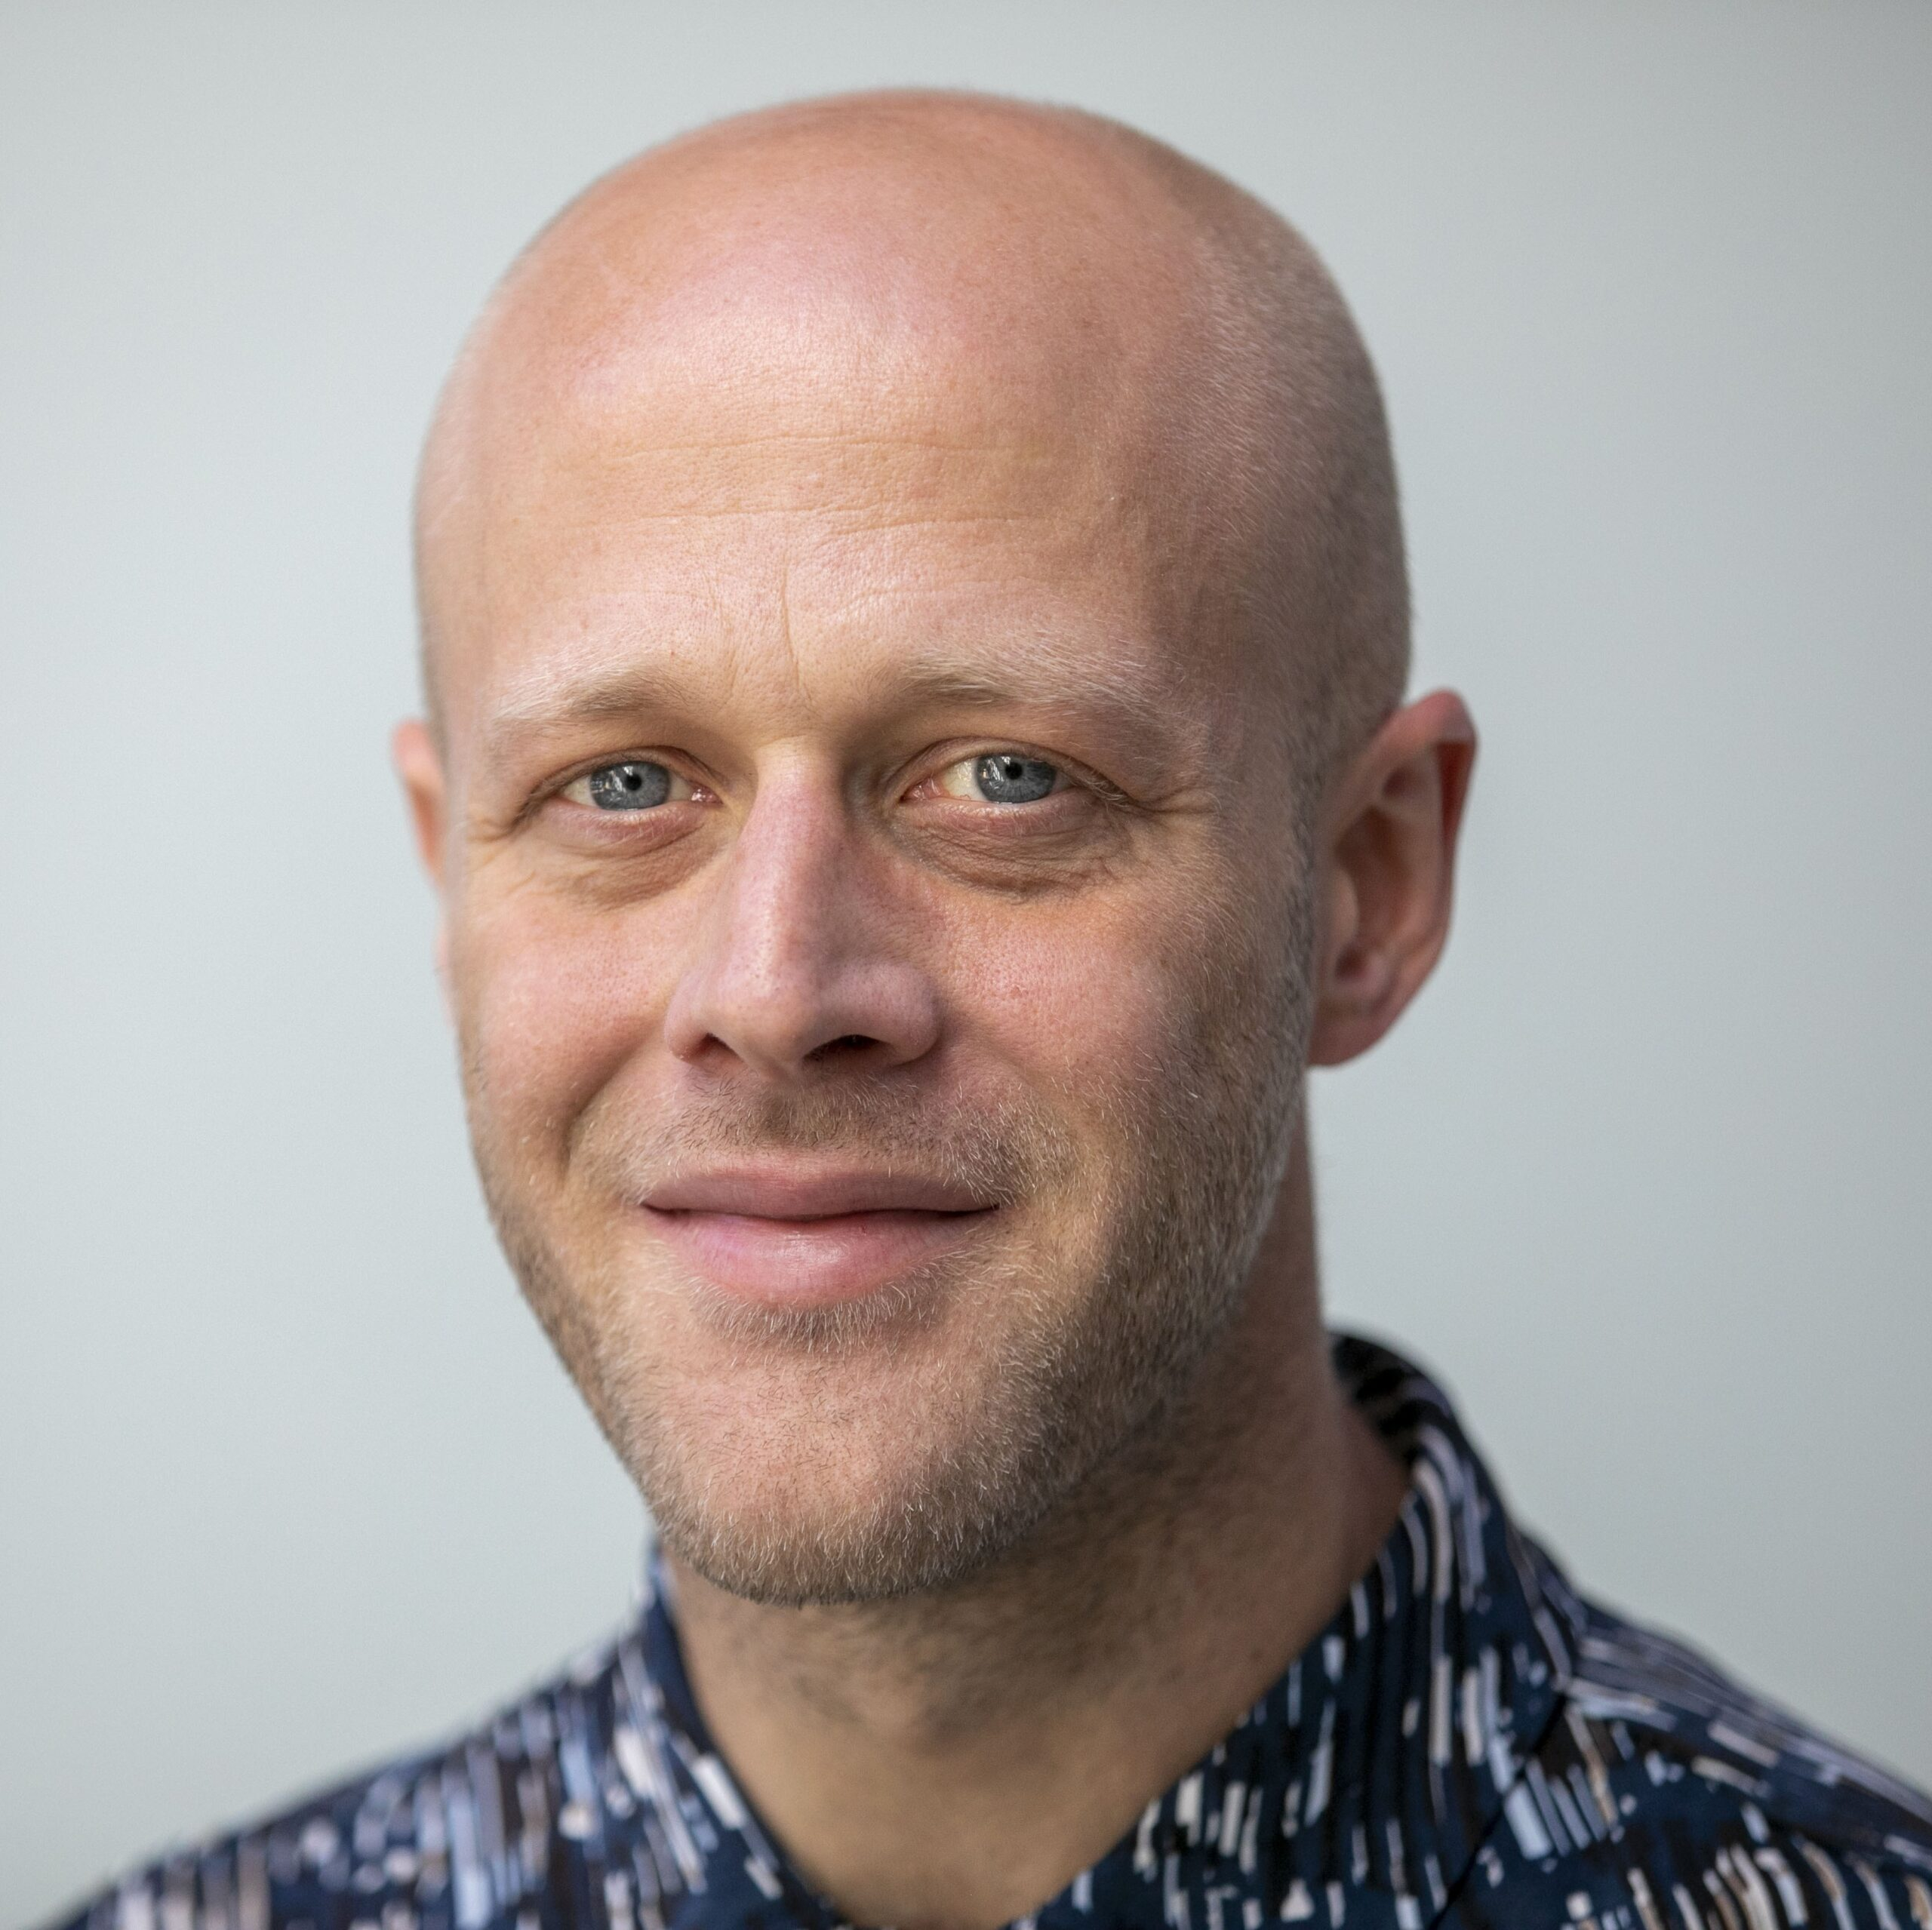 Scott Clemens Headshot